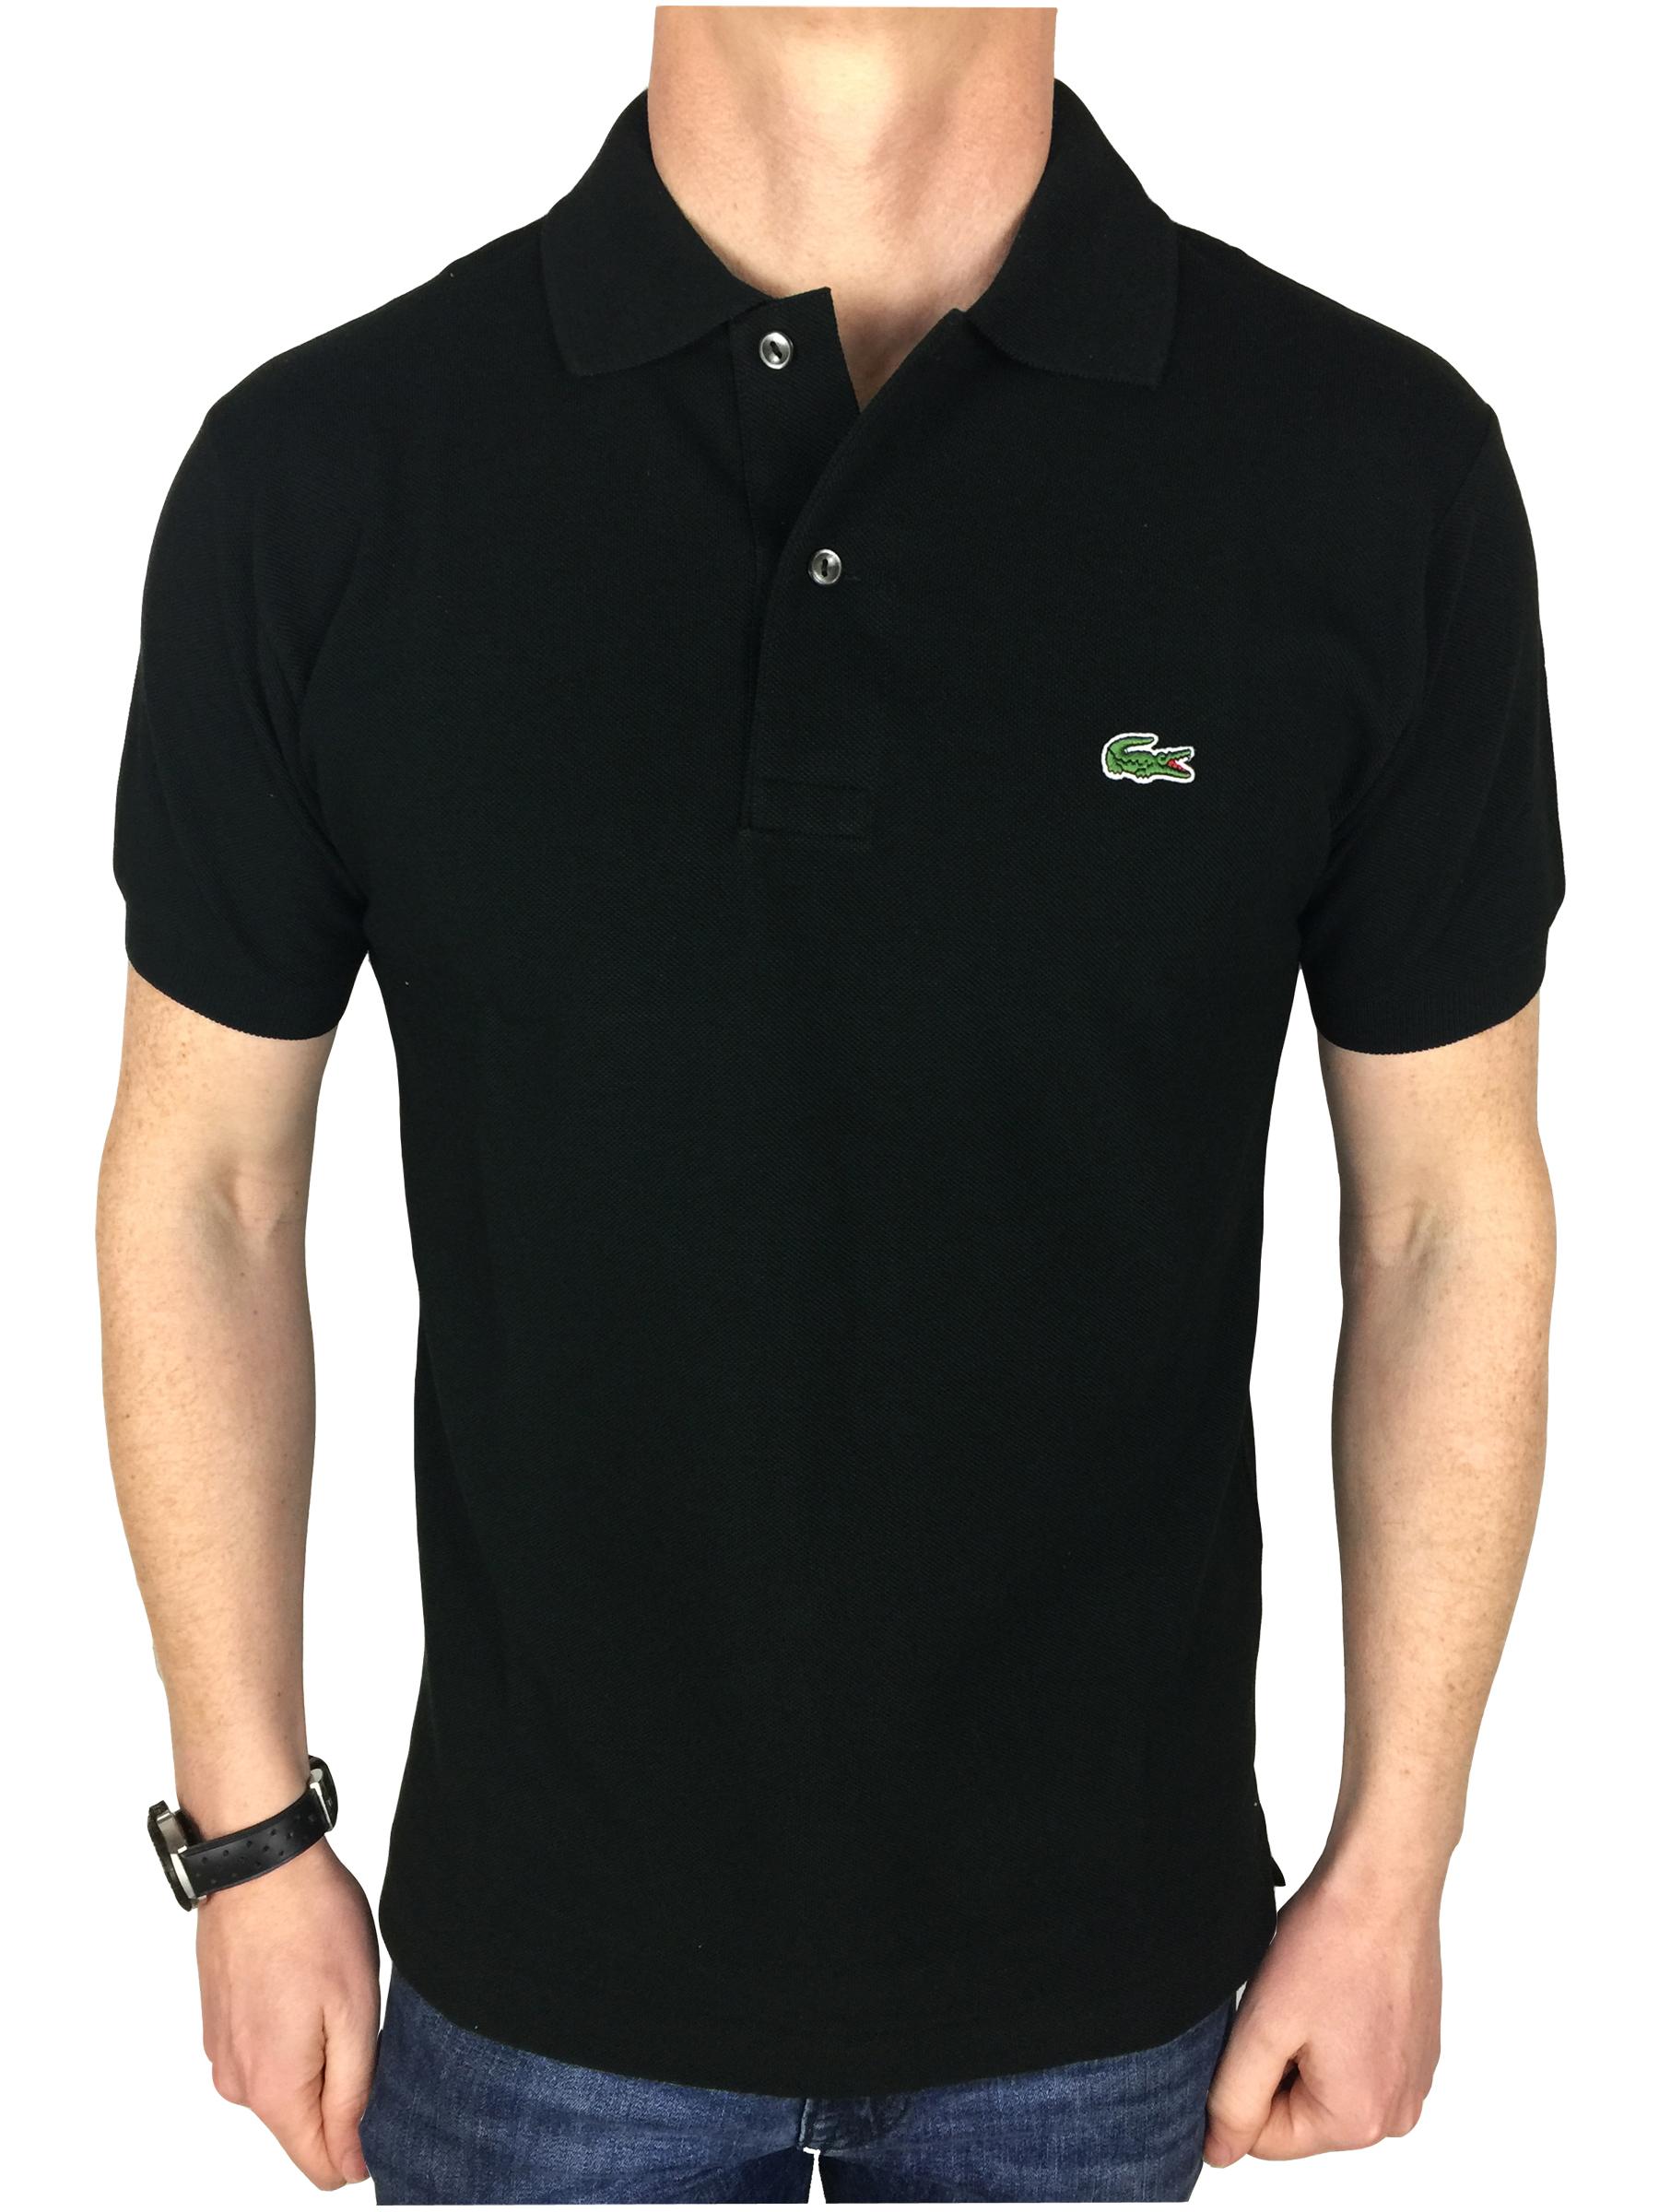 Lacoste Mens S S Logo Branded Polo Shirt In Black Ebay